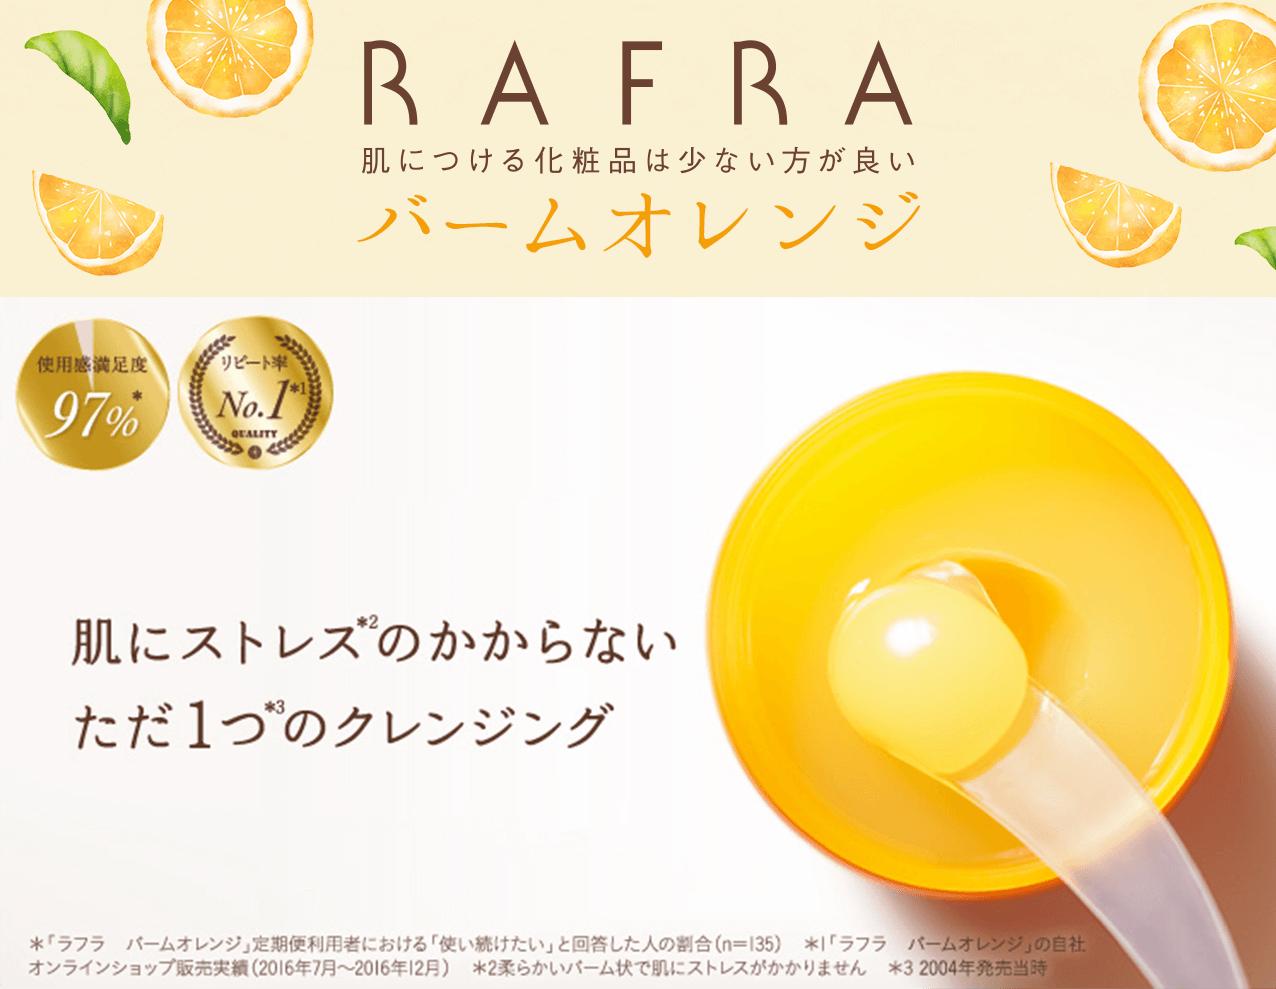 RAFRA 肌につける化粧品は少ない方がいい 肌にストレスのかからないただ1つのクレンジング